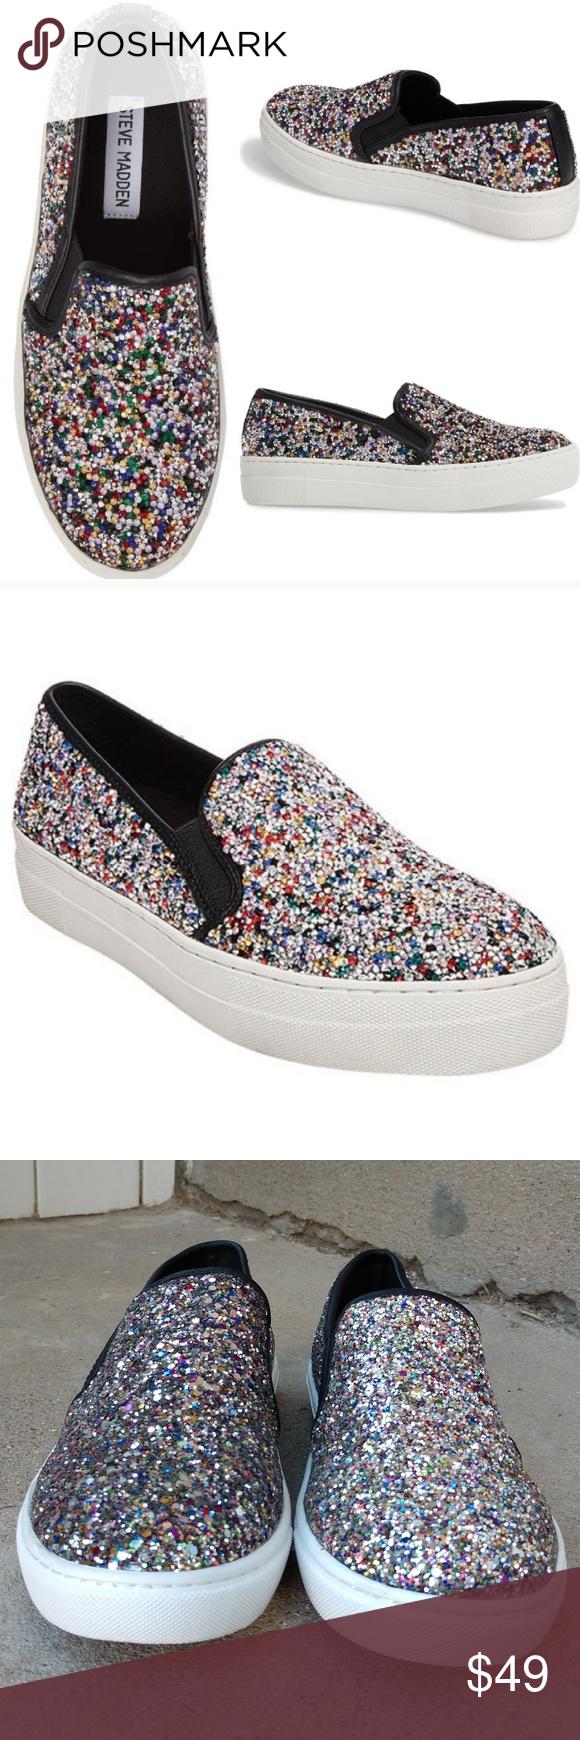 0659f2e7c40 STEVE MADDEN Gracious Glitter Slip On Sneakers Sparkling glitter in vibrant  colors glamorize a go-